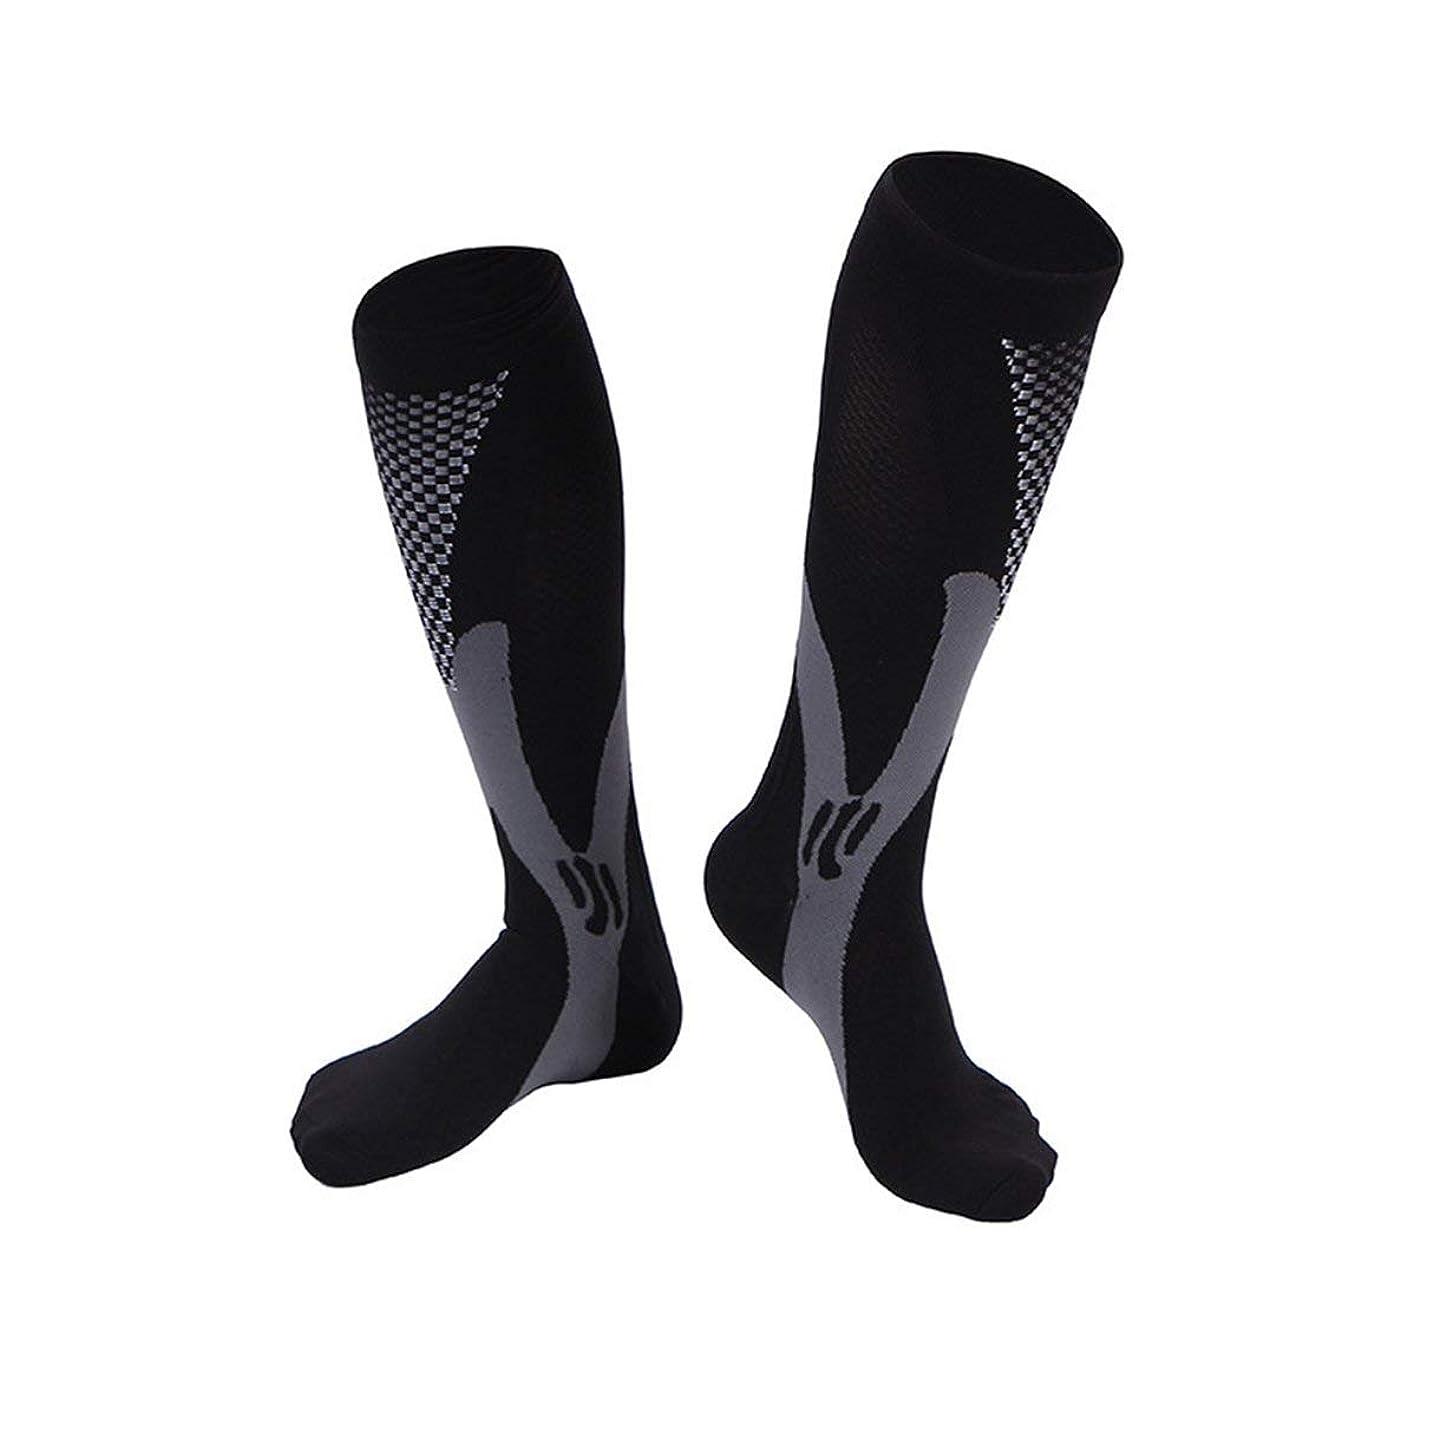 拒絶するマイクロプロセッサ整然とした快適な男性女性ファッションレッグサポートストレッチ圧縮ソックス下膝ソックスレッグサポートストレッチ通気性ソックス - ブラック2 XL